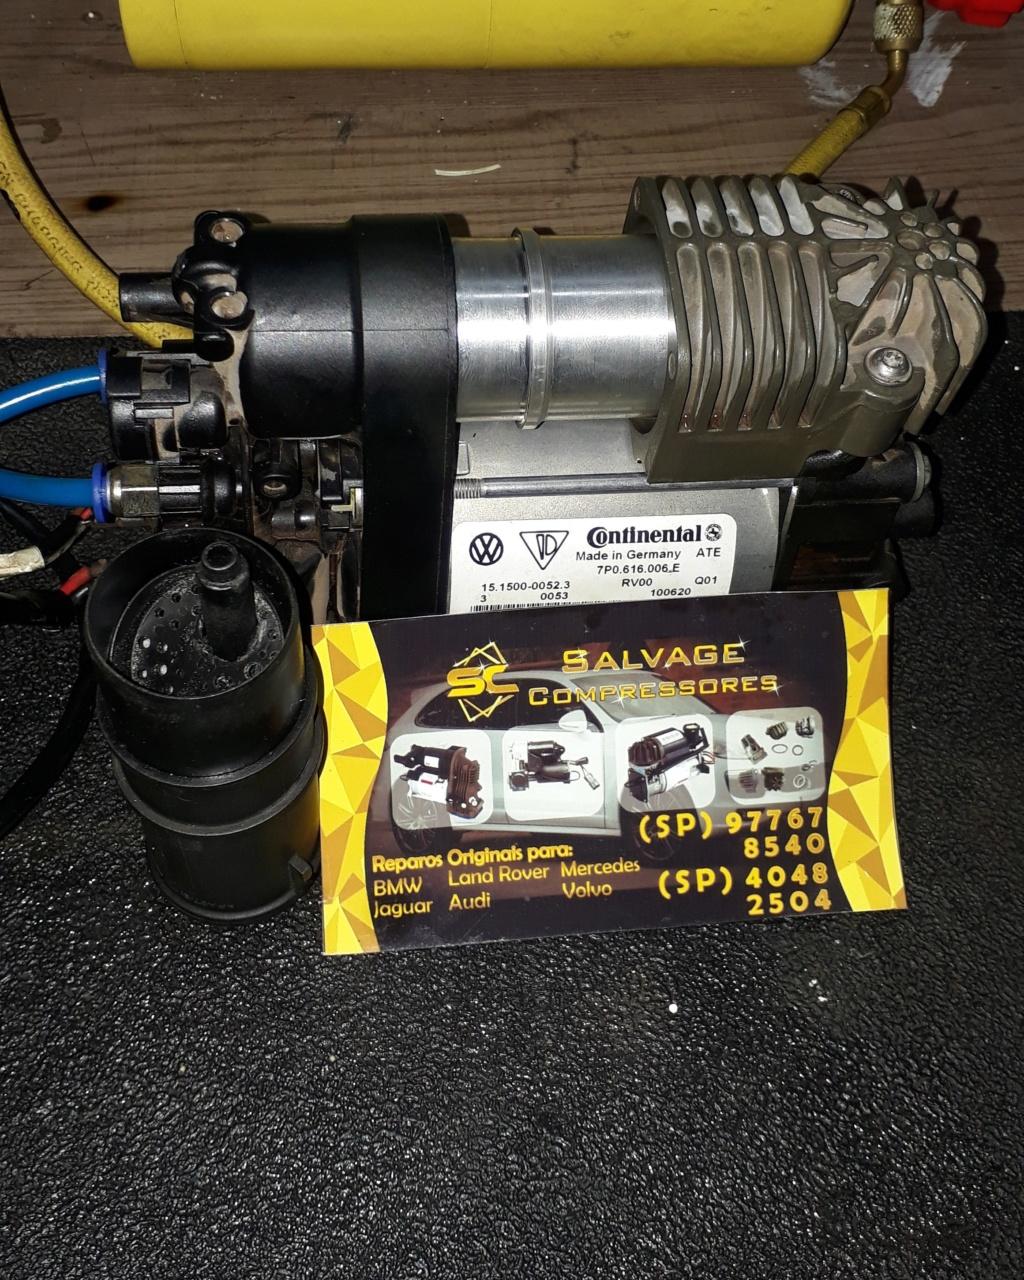 SALVAGE Compressores e bolsas do sistema airmatic remanufaturadas com padrão original Compre10